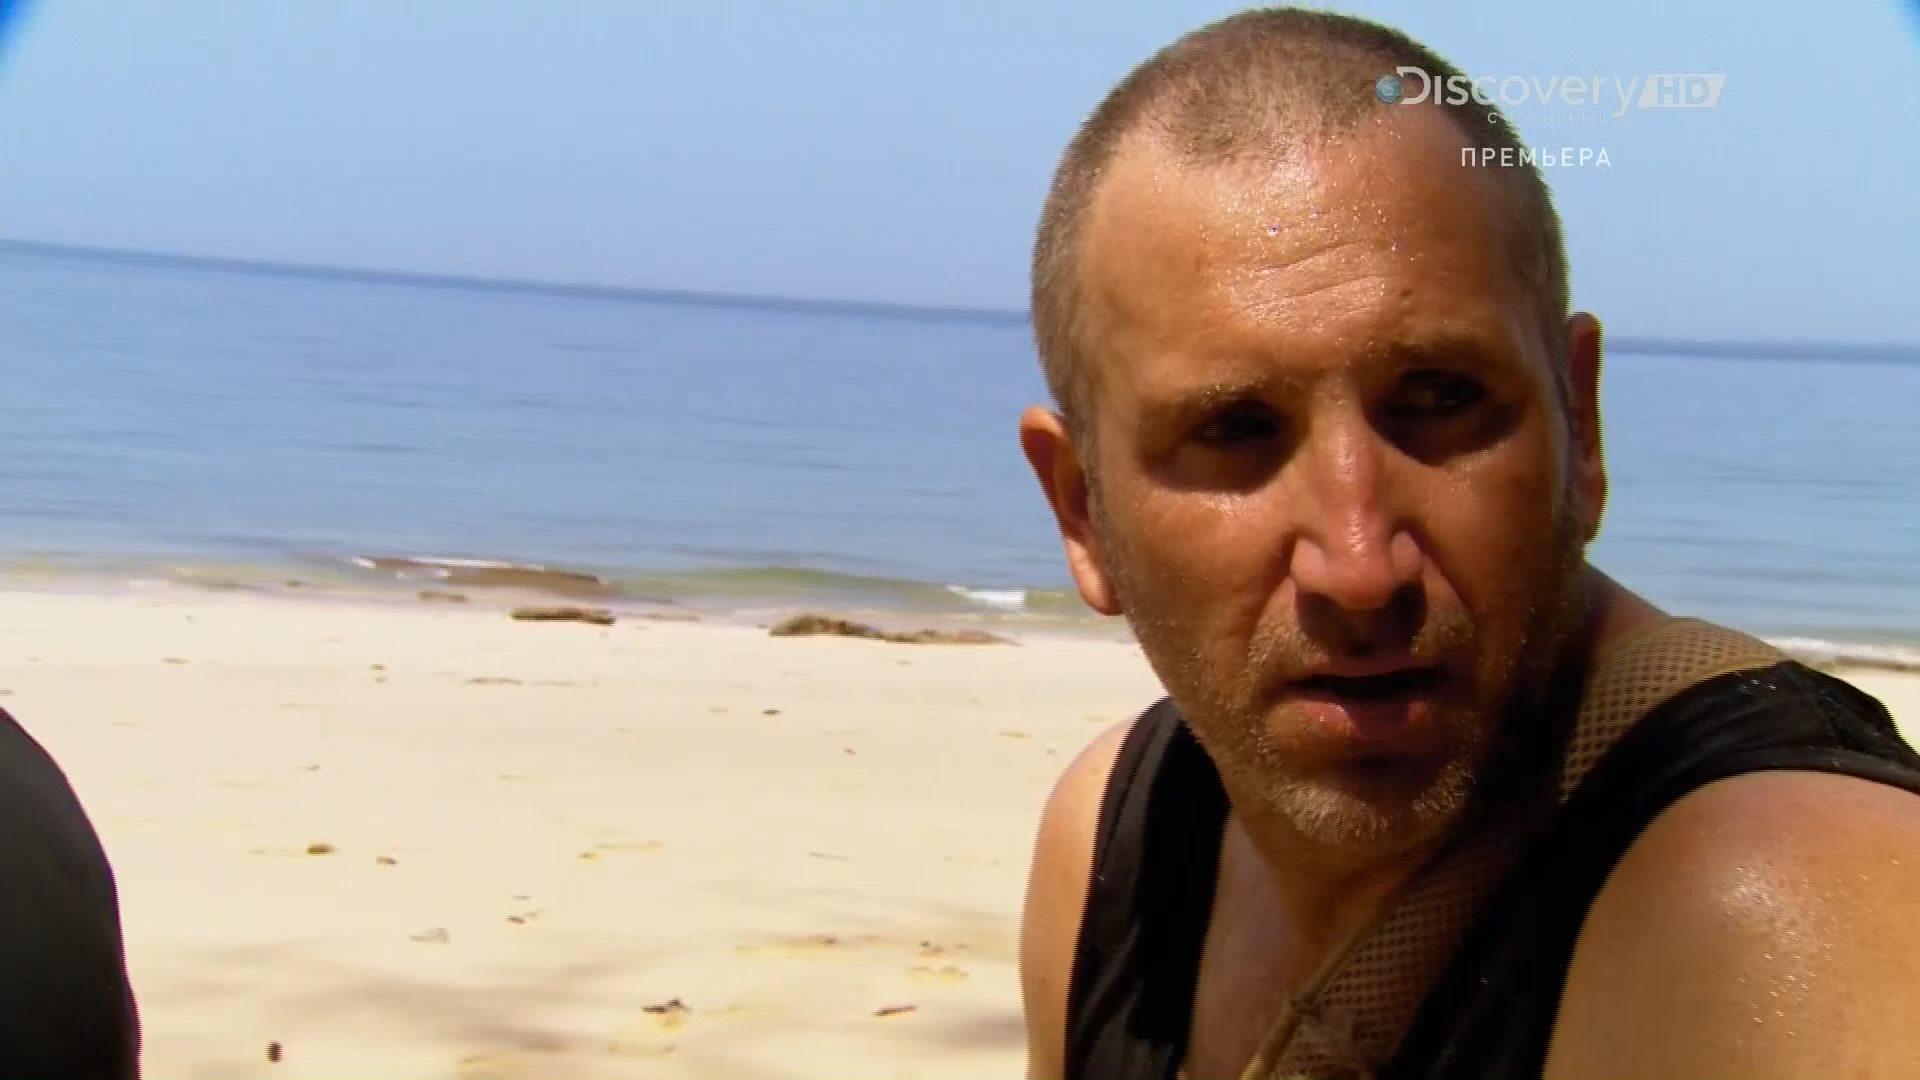 Discovery. Остров с Беаром Гриллсом [01 сезон: 01-06 выпуски из 06] | HDTV 1080i | P1